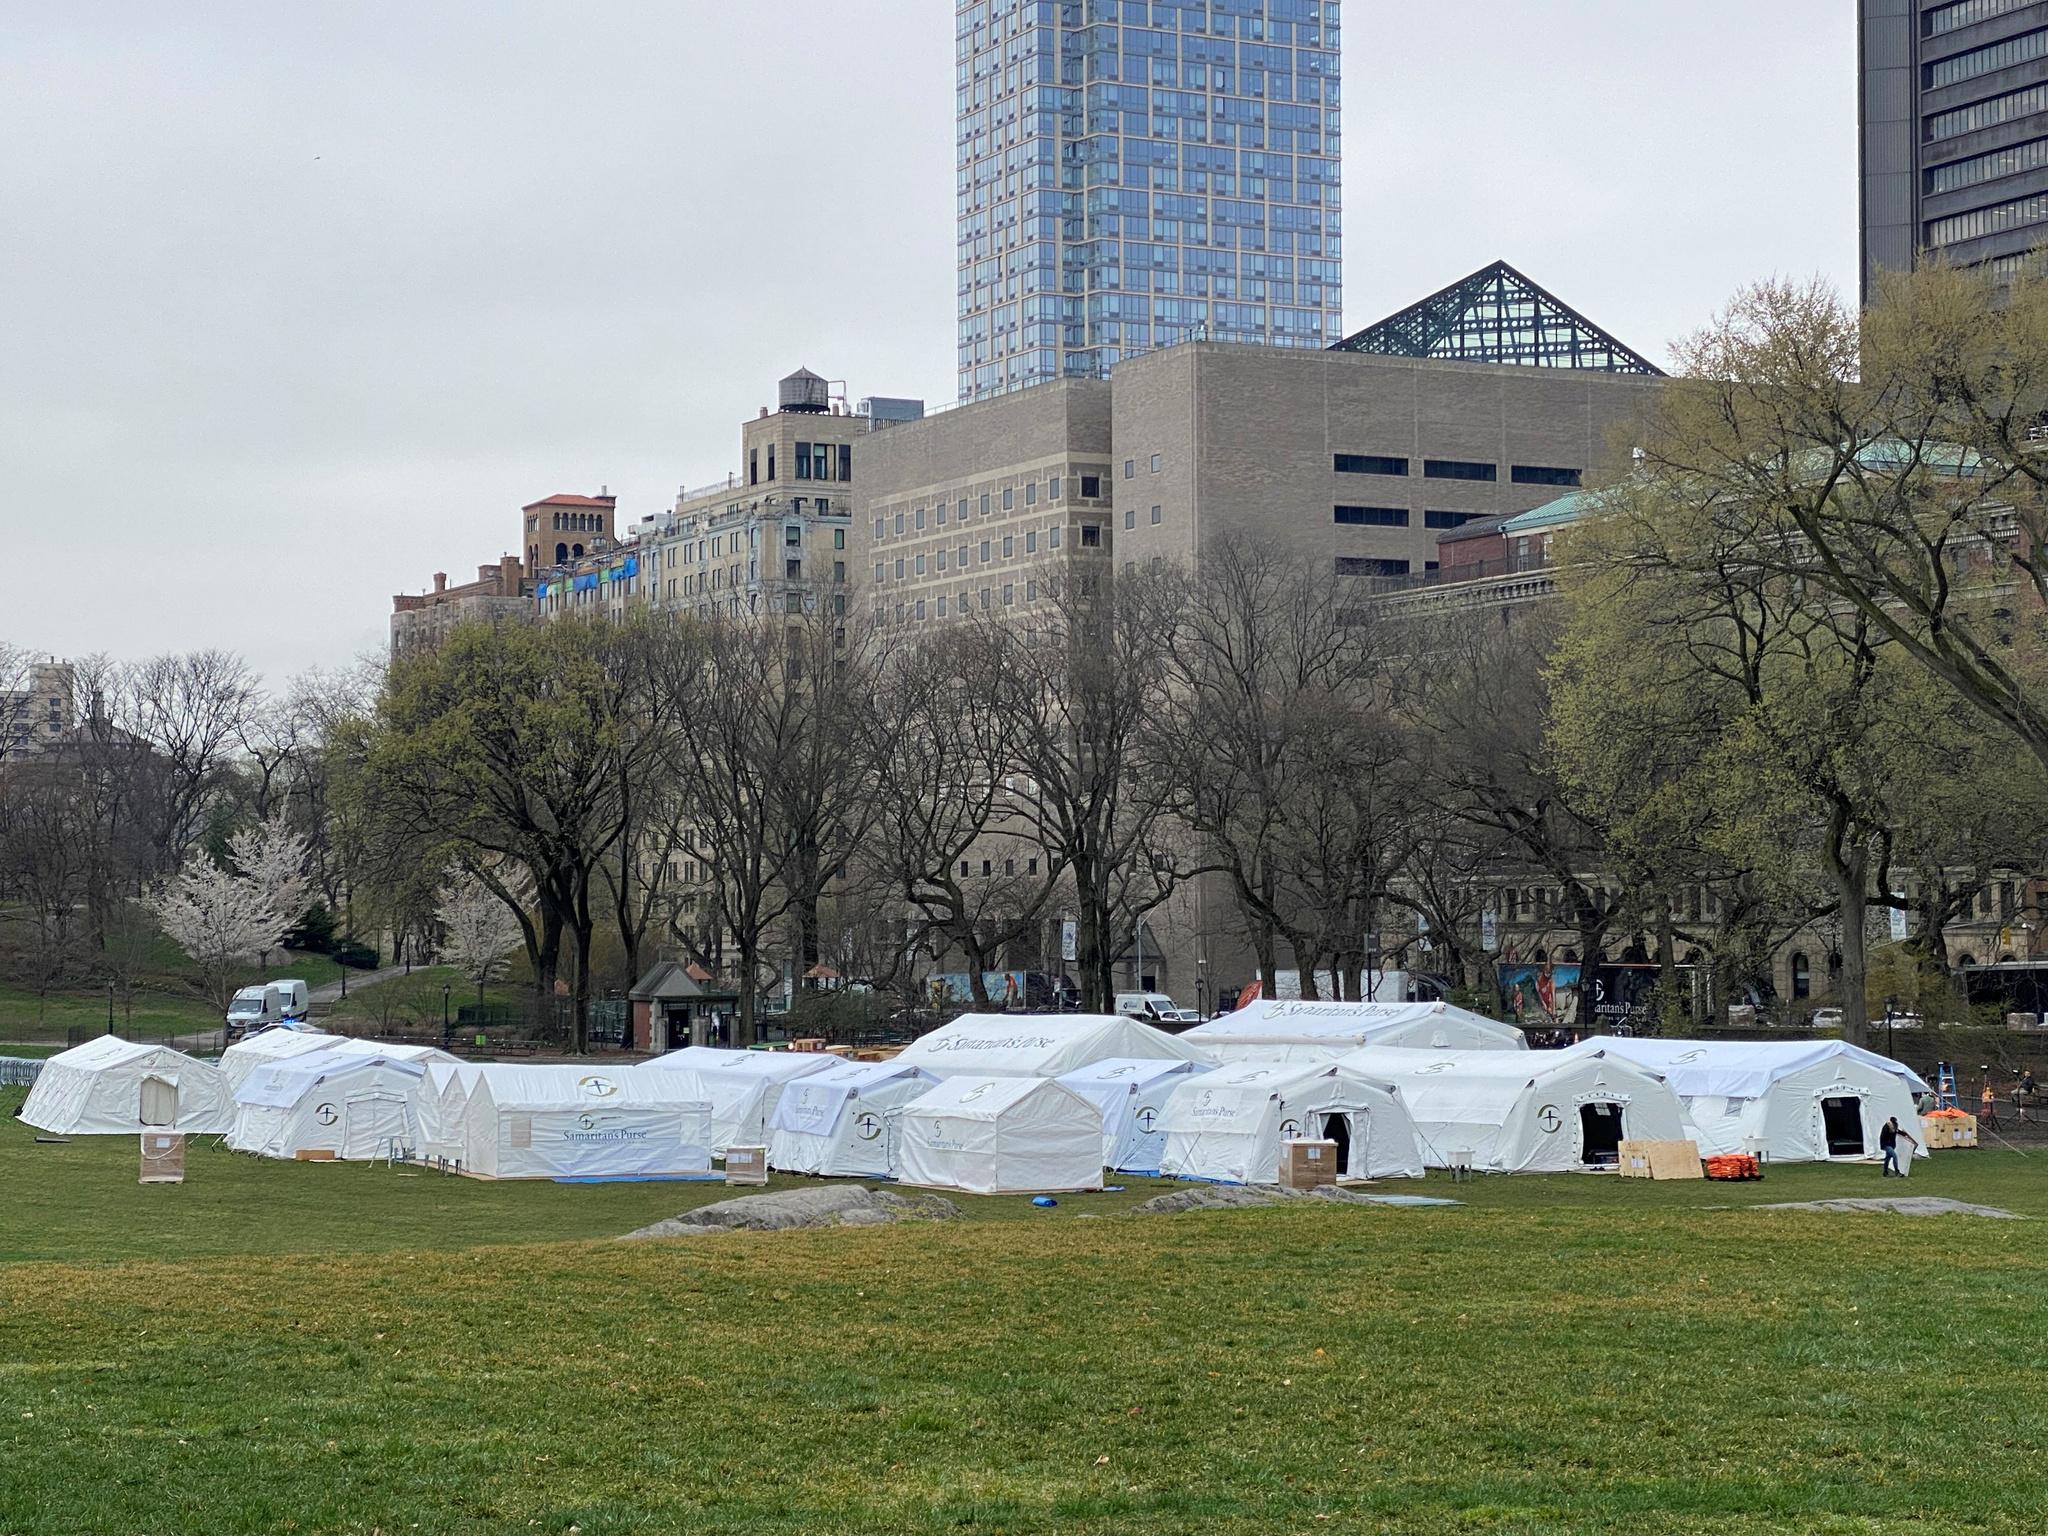 Hospital de campaña de Samaritan's Purse en Central Park.